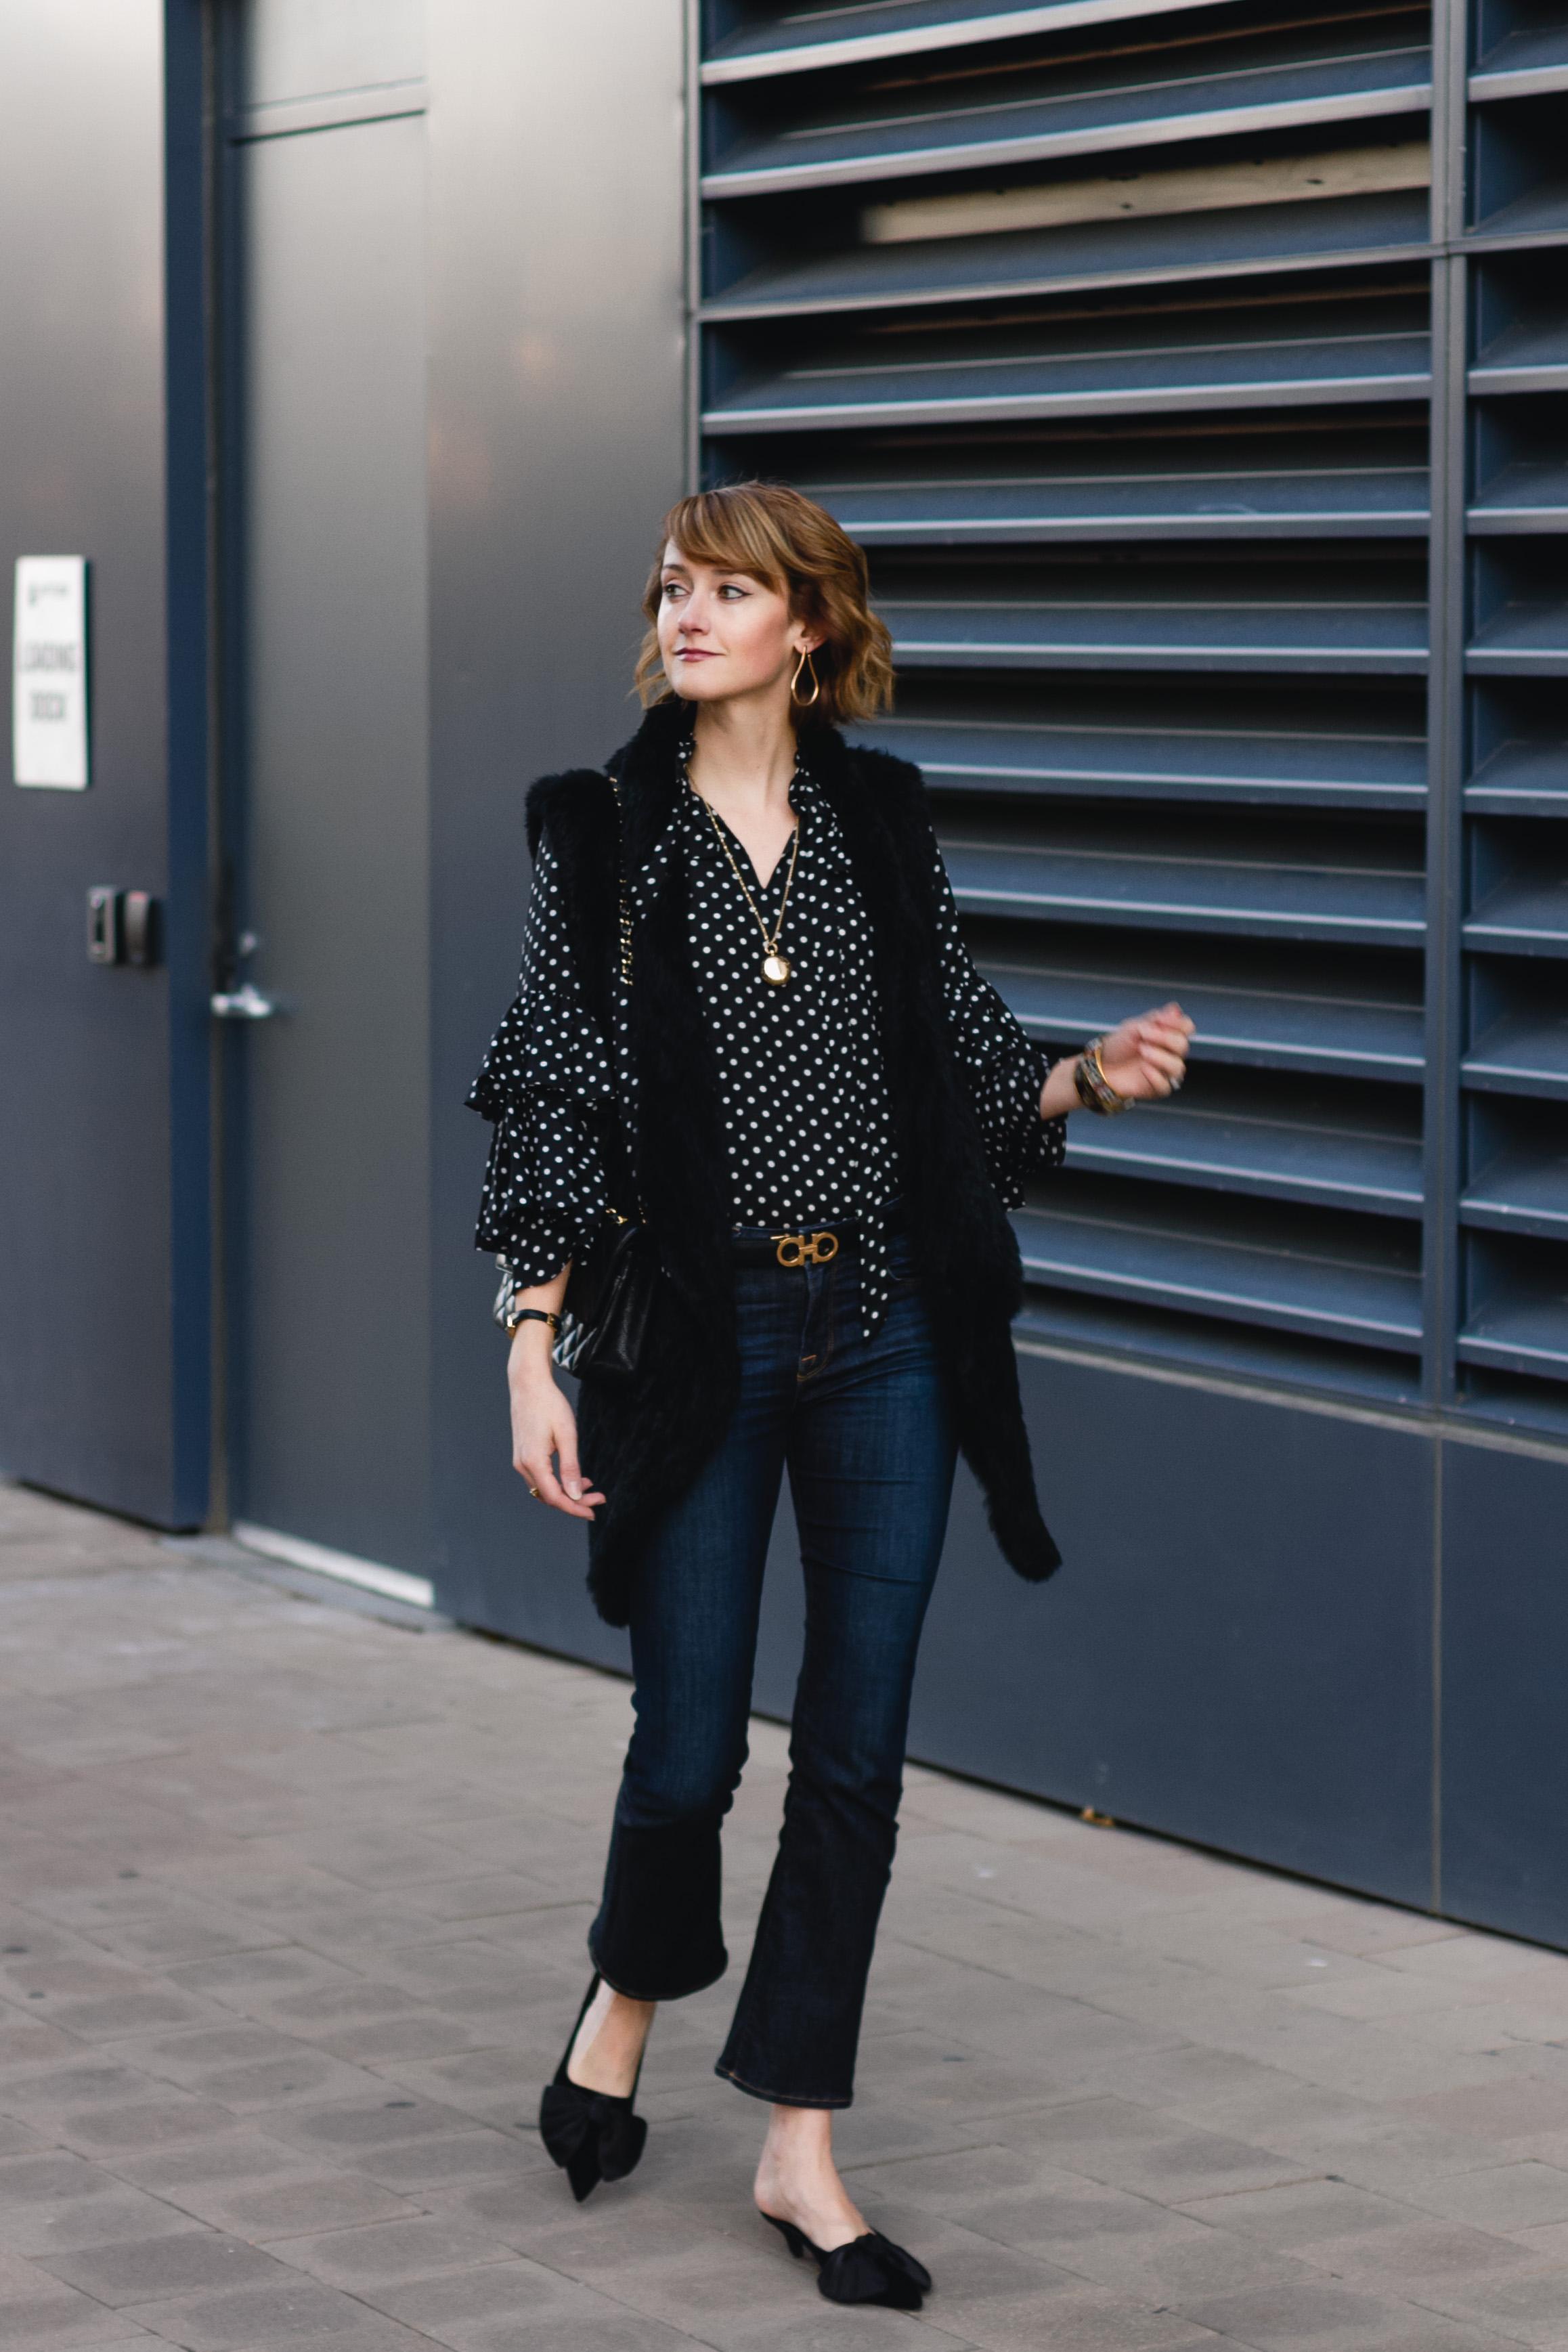 polka dot blouse, fur vest & Frame jeans